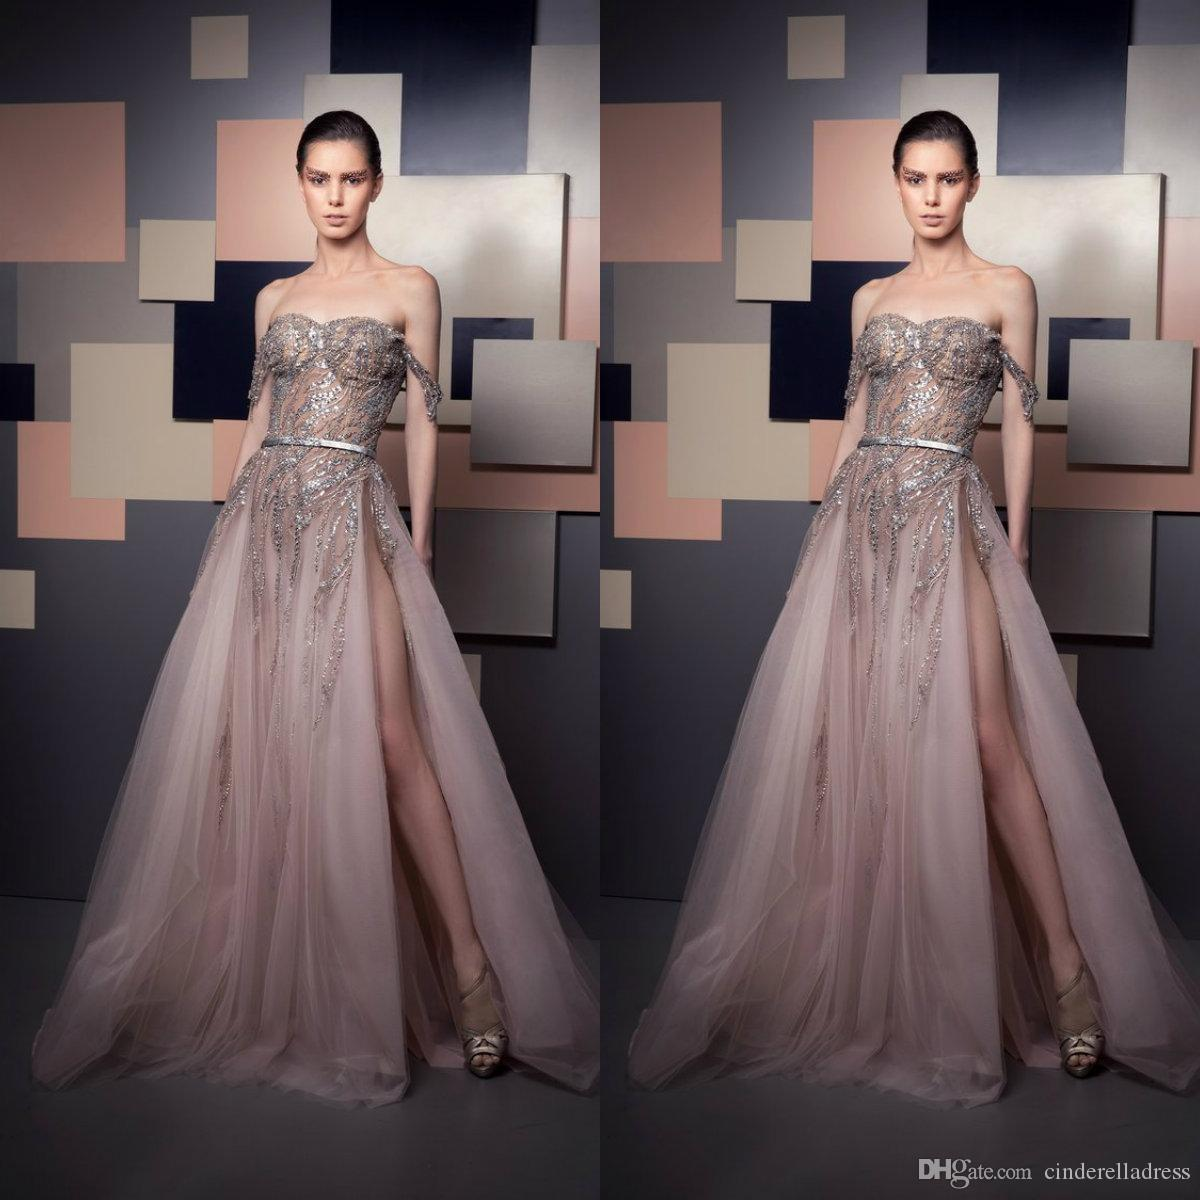 2021 Sexy ZIAD Nakad вечерние платья с плеча роскошные бусы блестки блестки иллюзия бокости разрыва выпускного вечеринка носить специальные платья